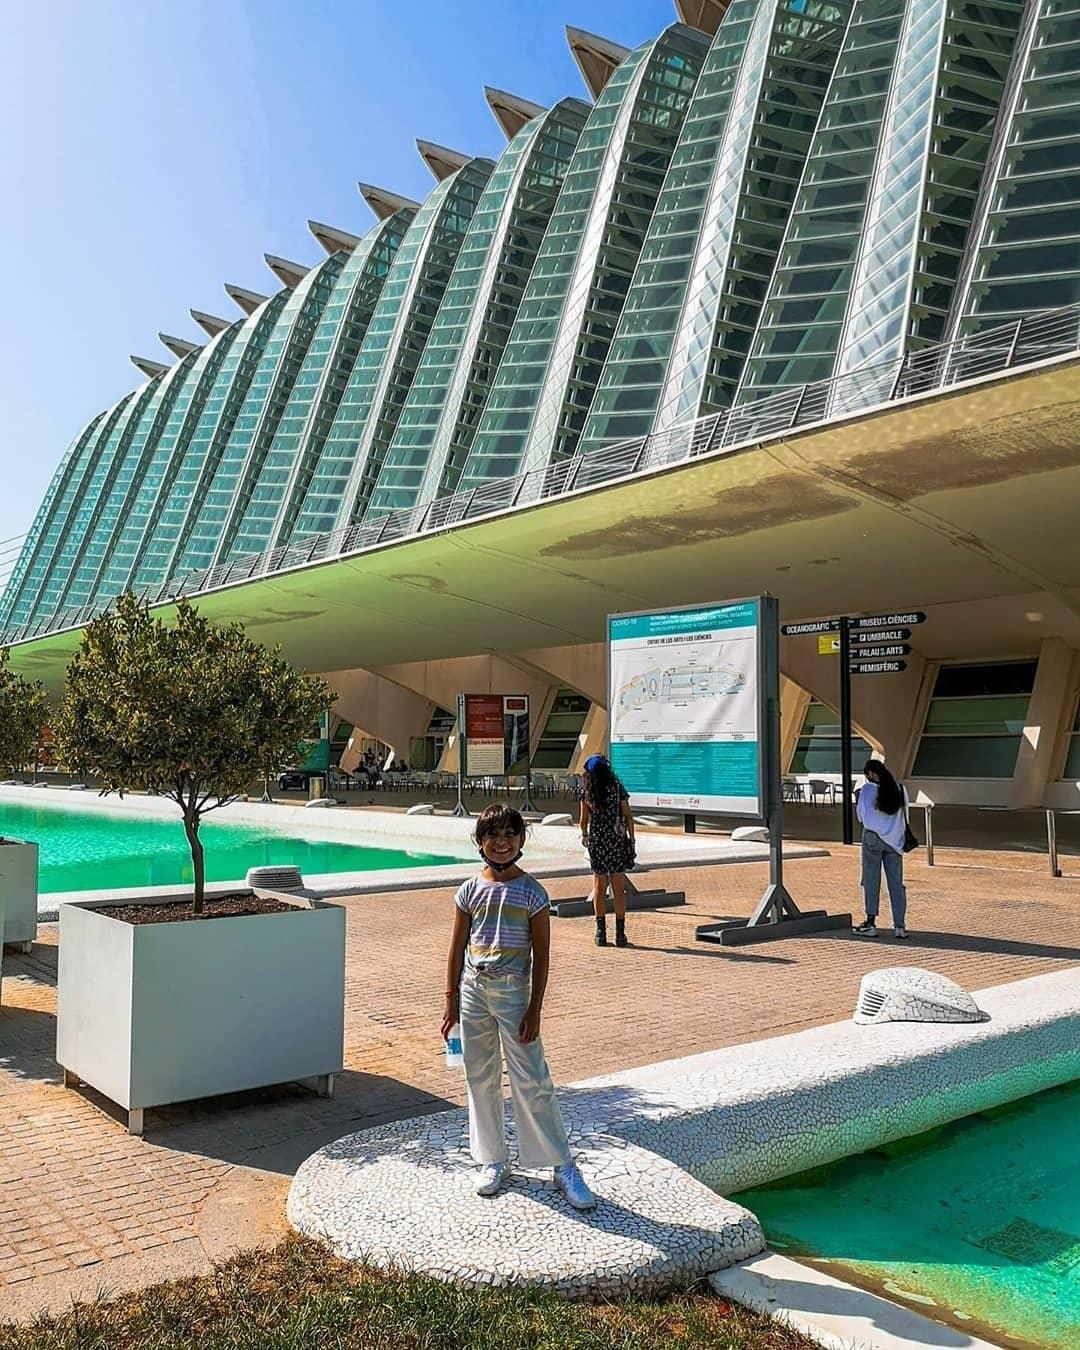 museu-de-ciencias-de-valencia-a-cidade-das-artes-e-ciencias